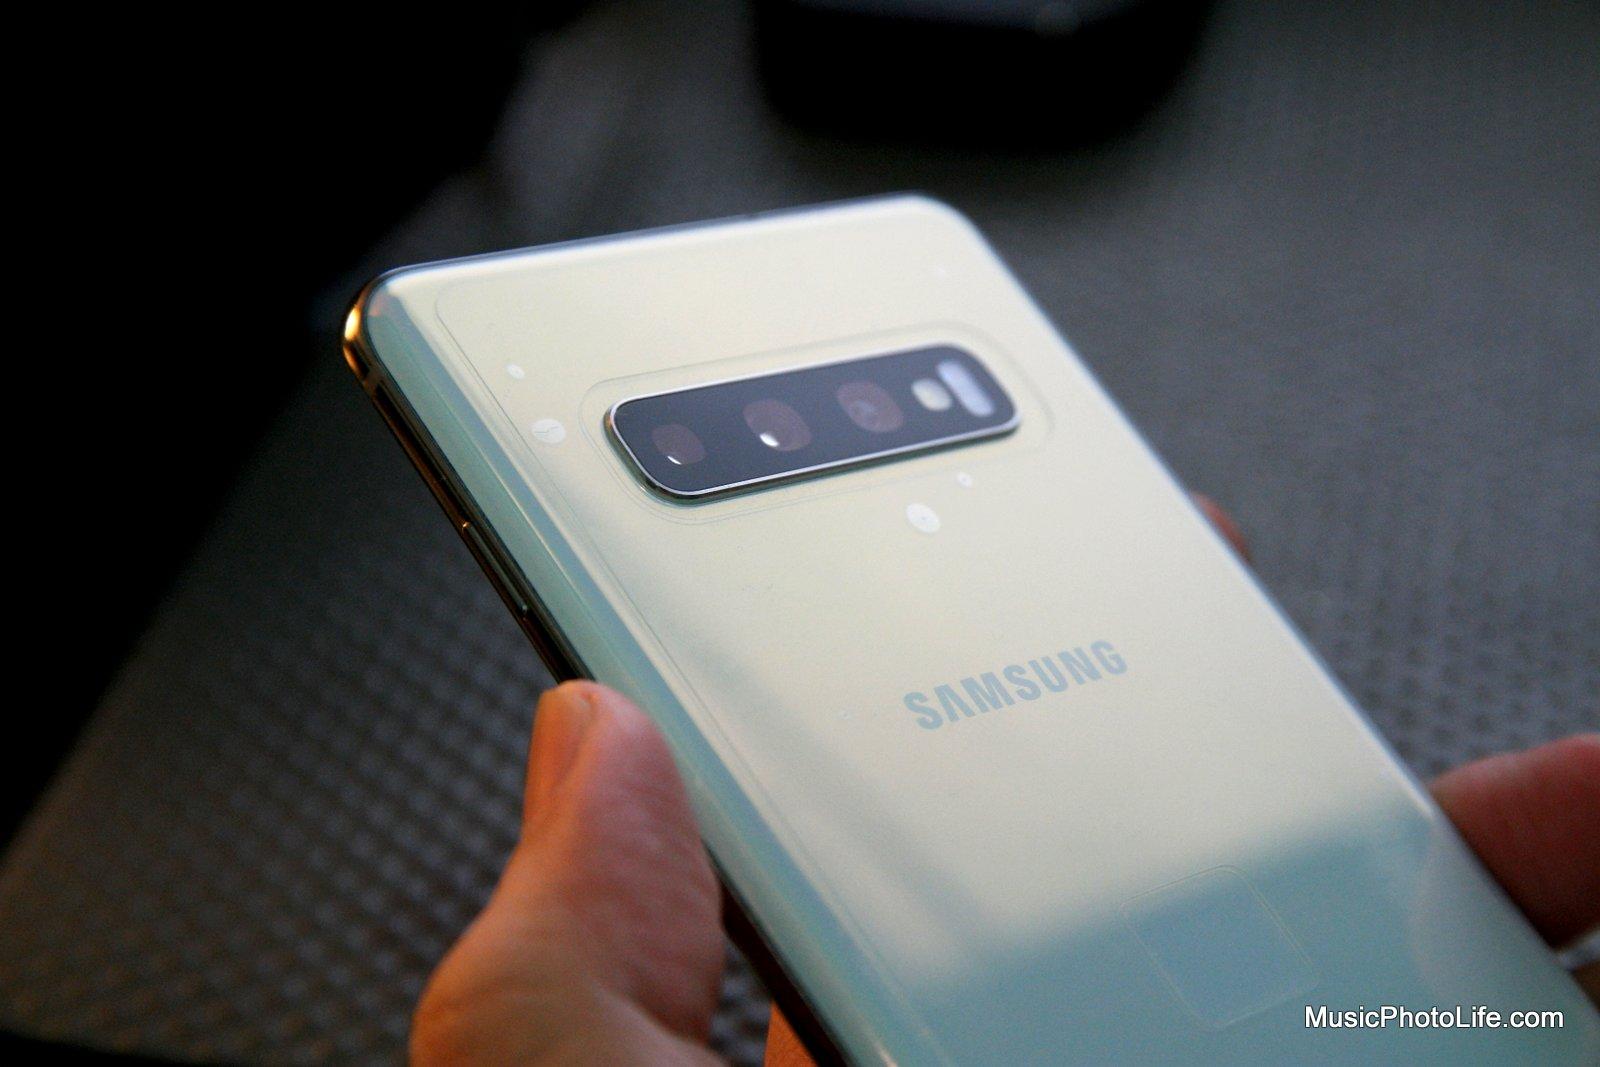 Samsung Galaxy S10+ review by musicphotolife.com, Singapore smartphone blogger